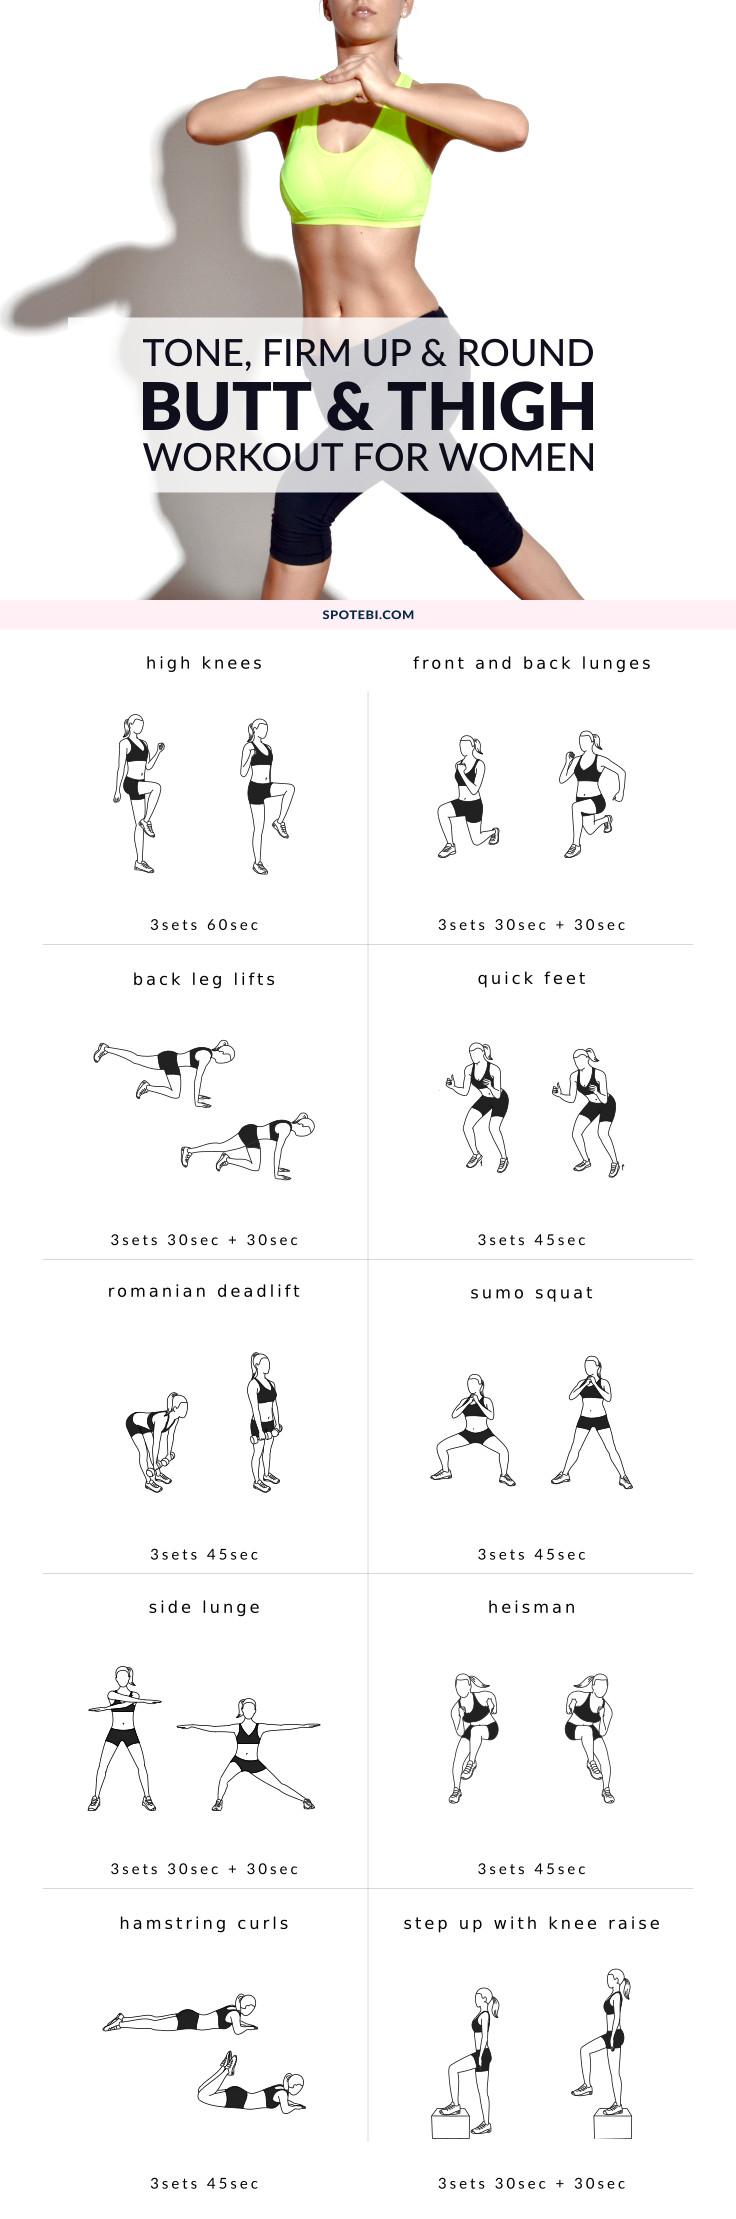 butt-thigh-workout-women-spotebi-736x2219